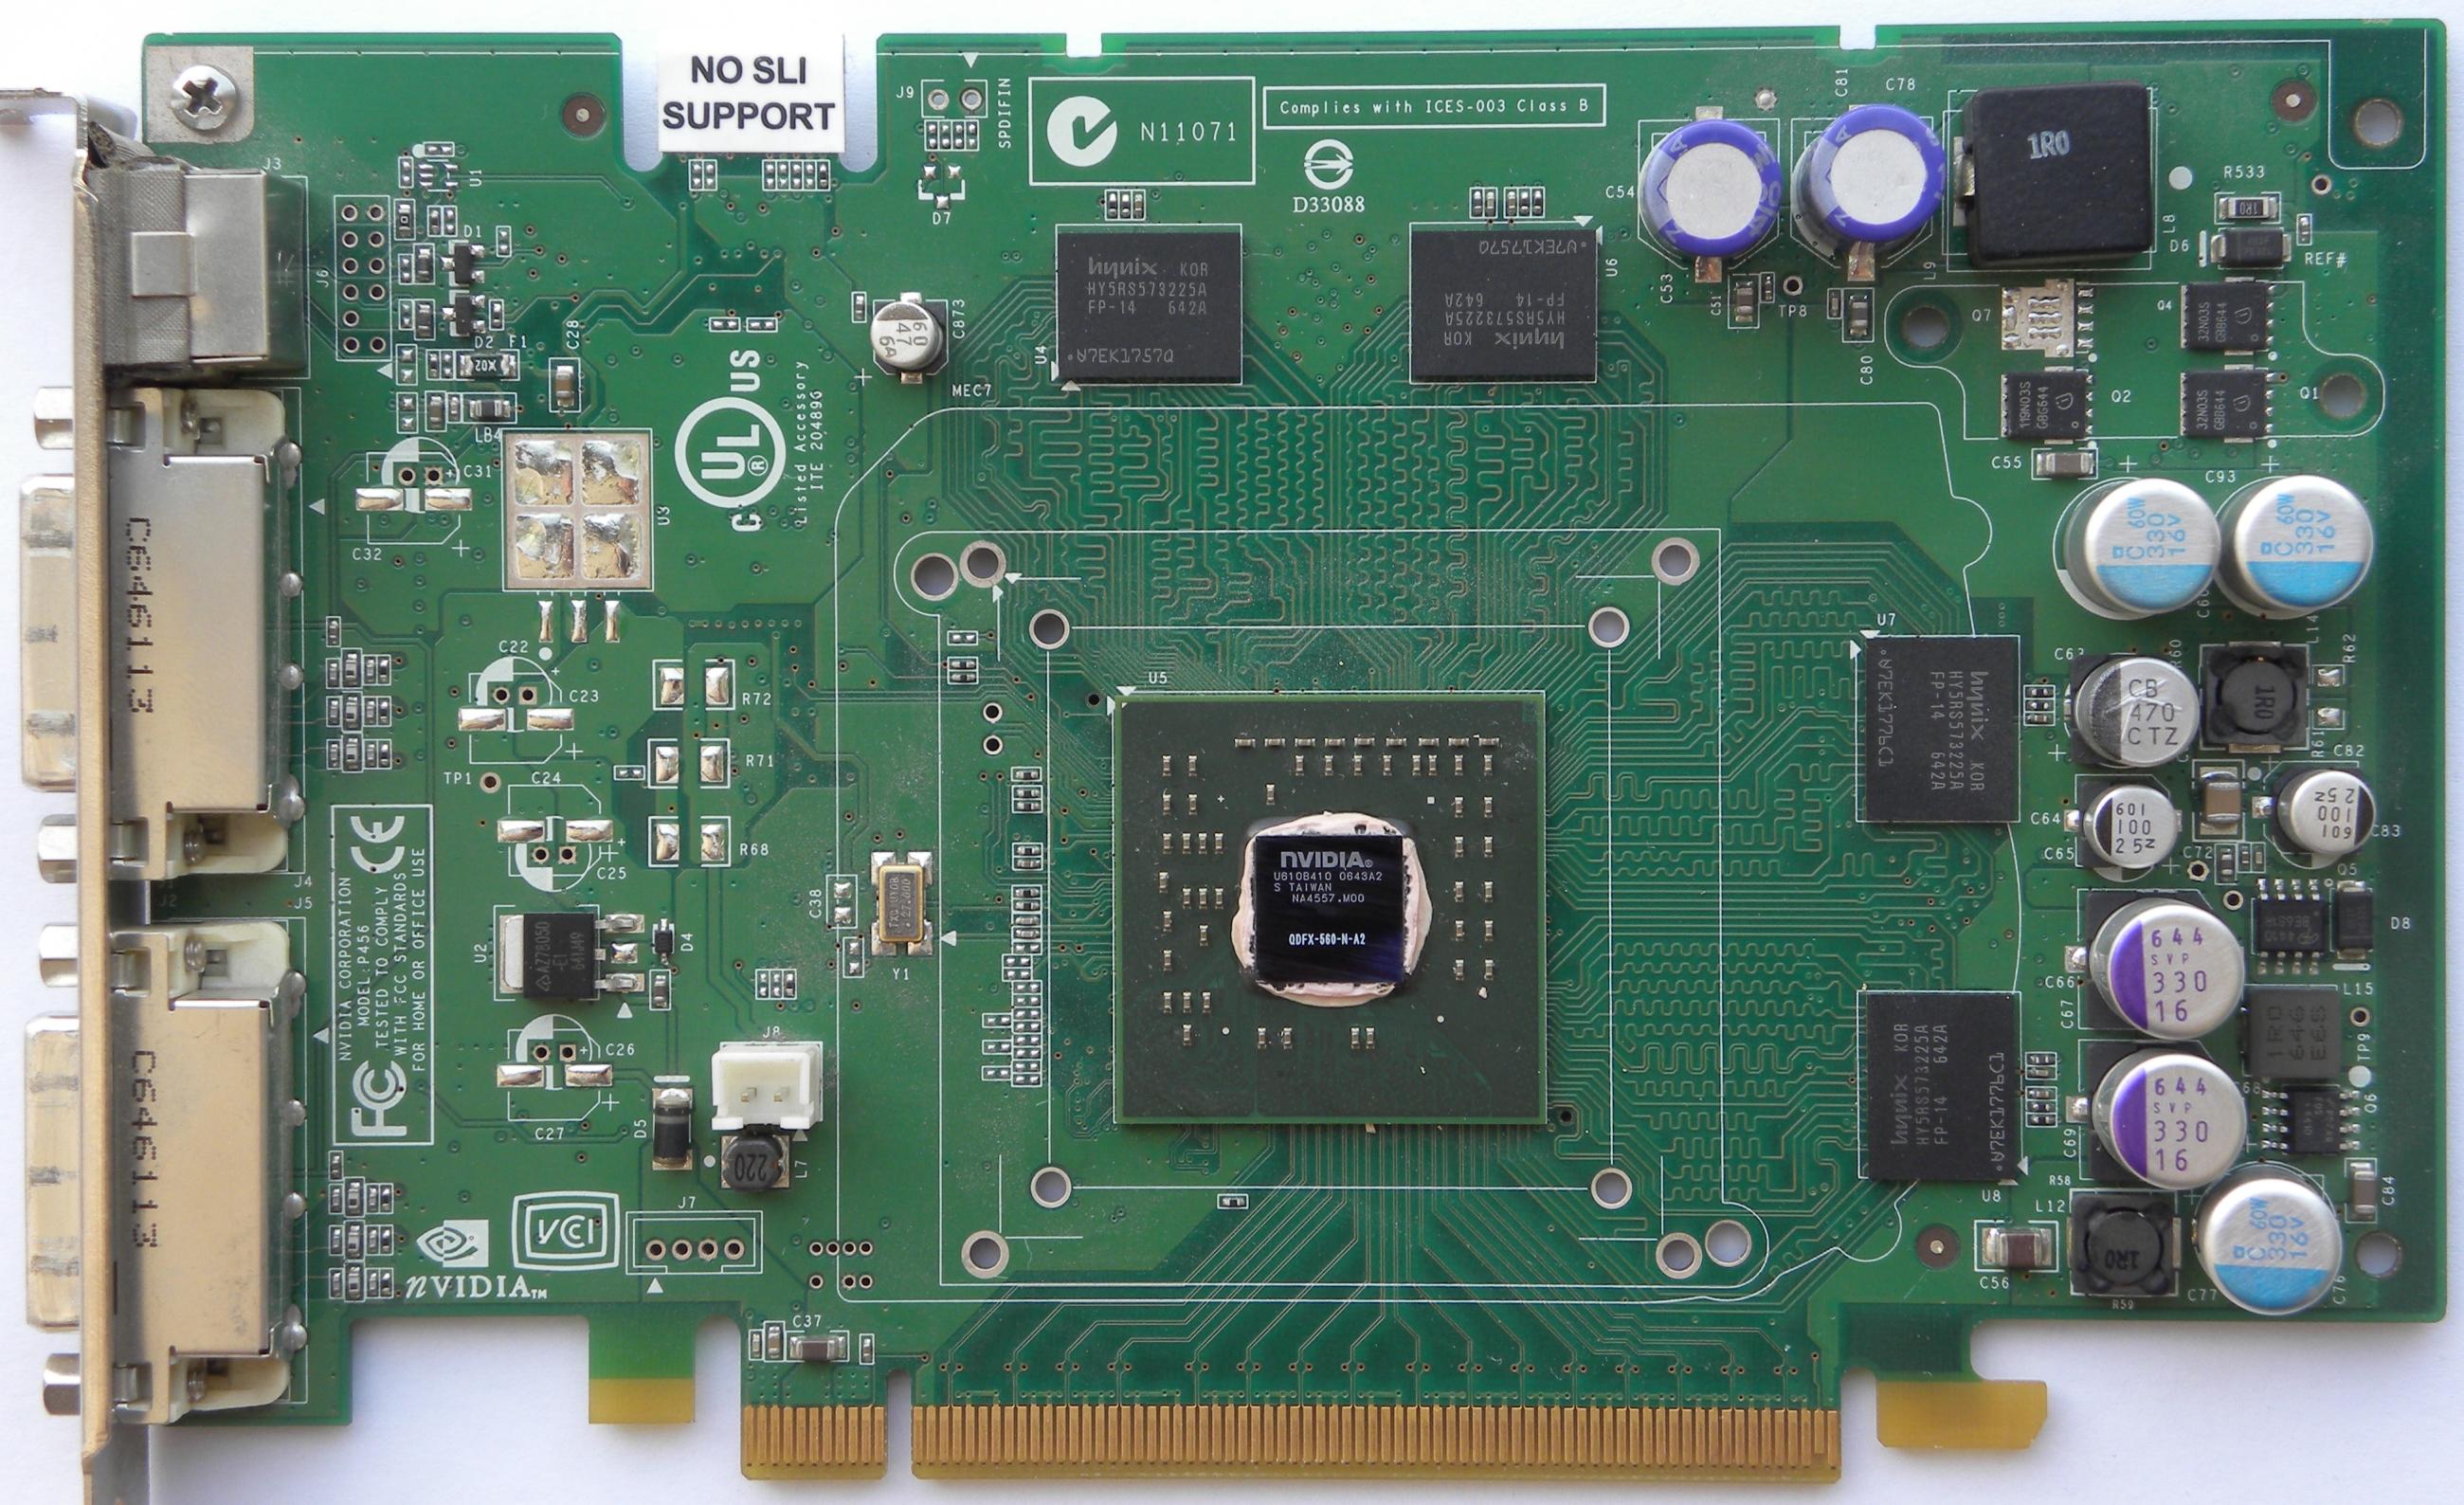 VGA Legacy MKIII - NVIDIA Quadro FX 560